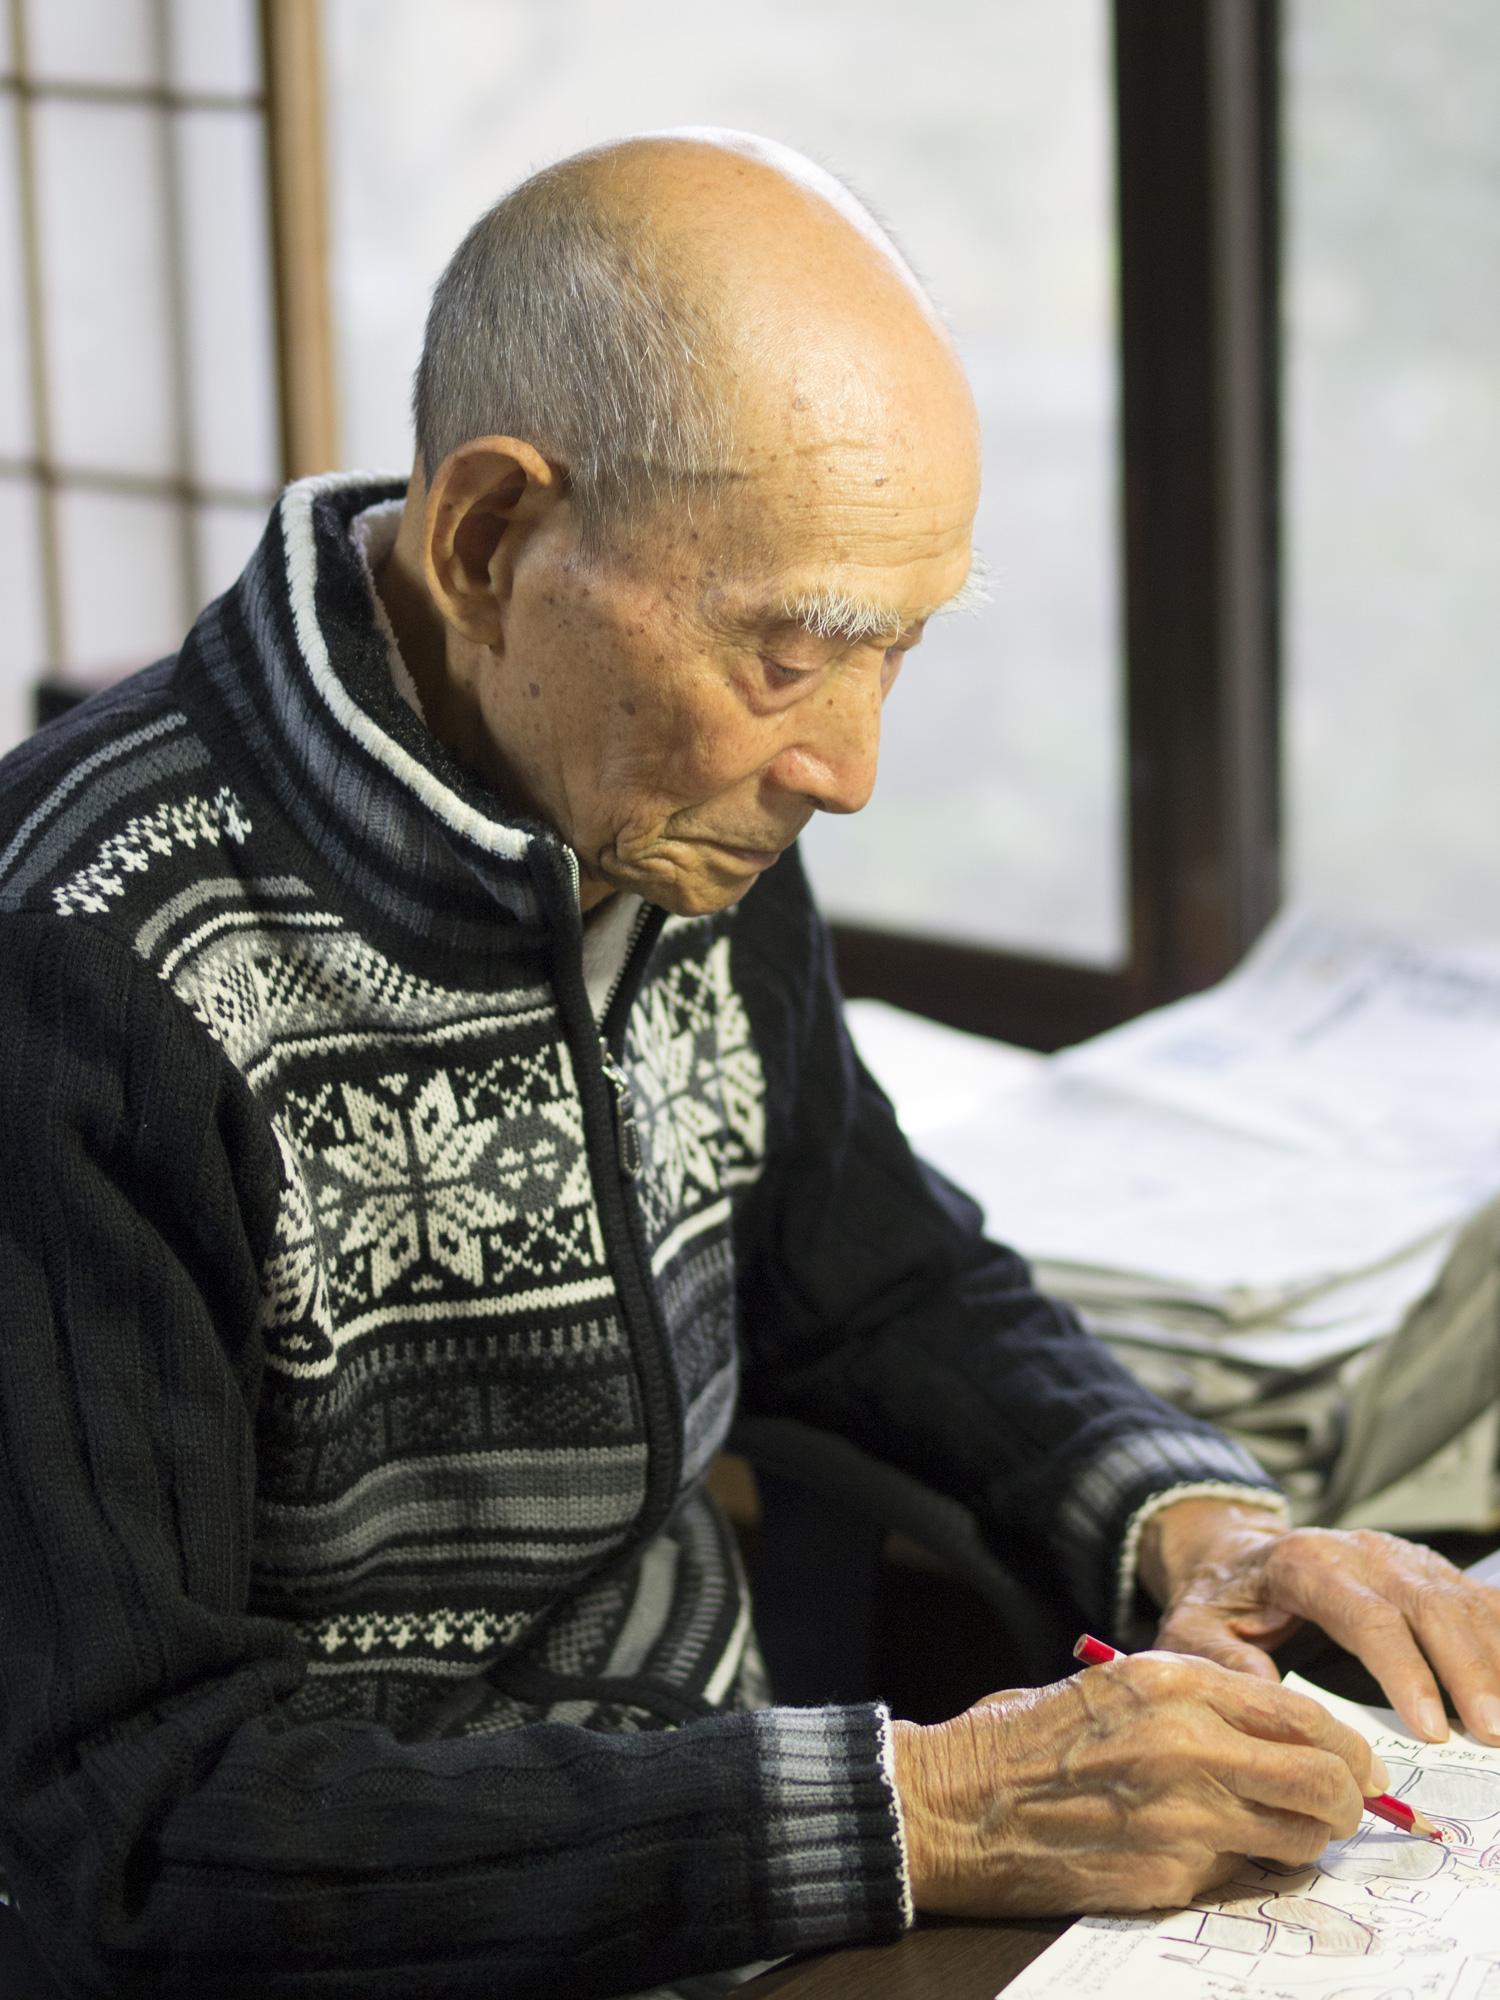 大ベストセラーの絵日記本『はげまして はげまされて』(廣済堂出版)の著者、竹浪正造さん。